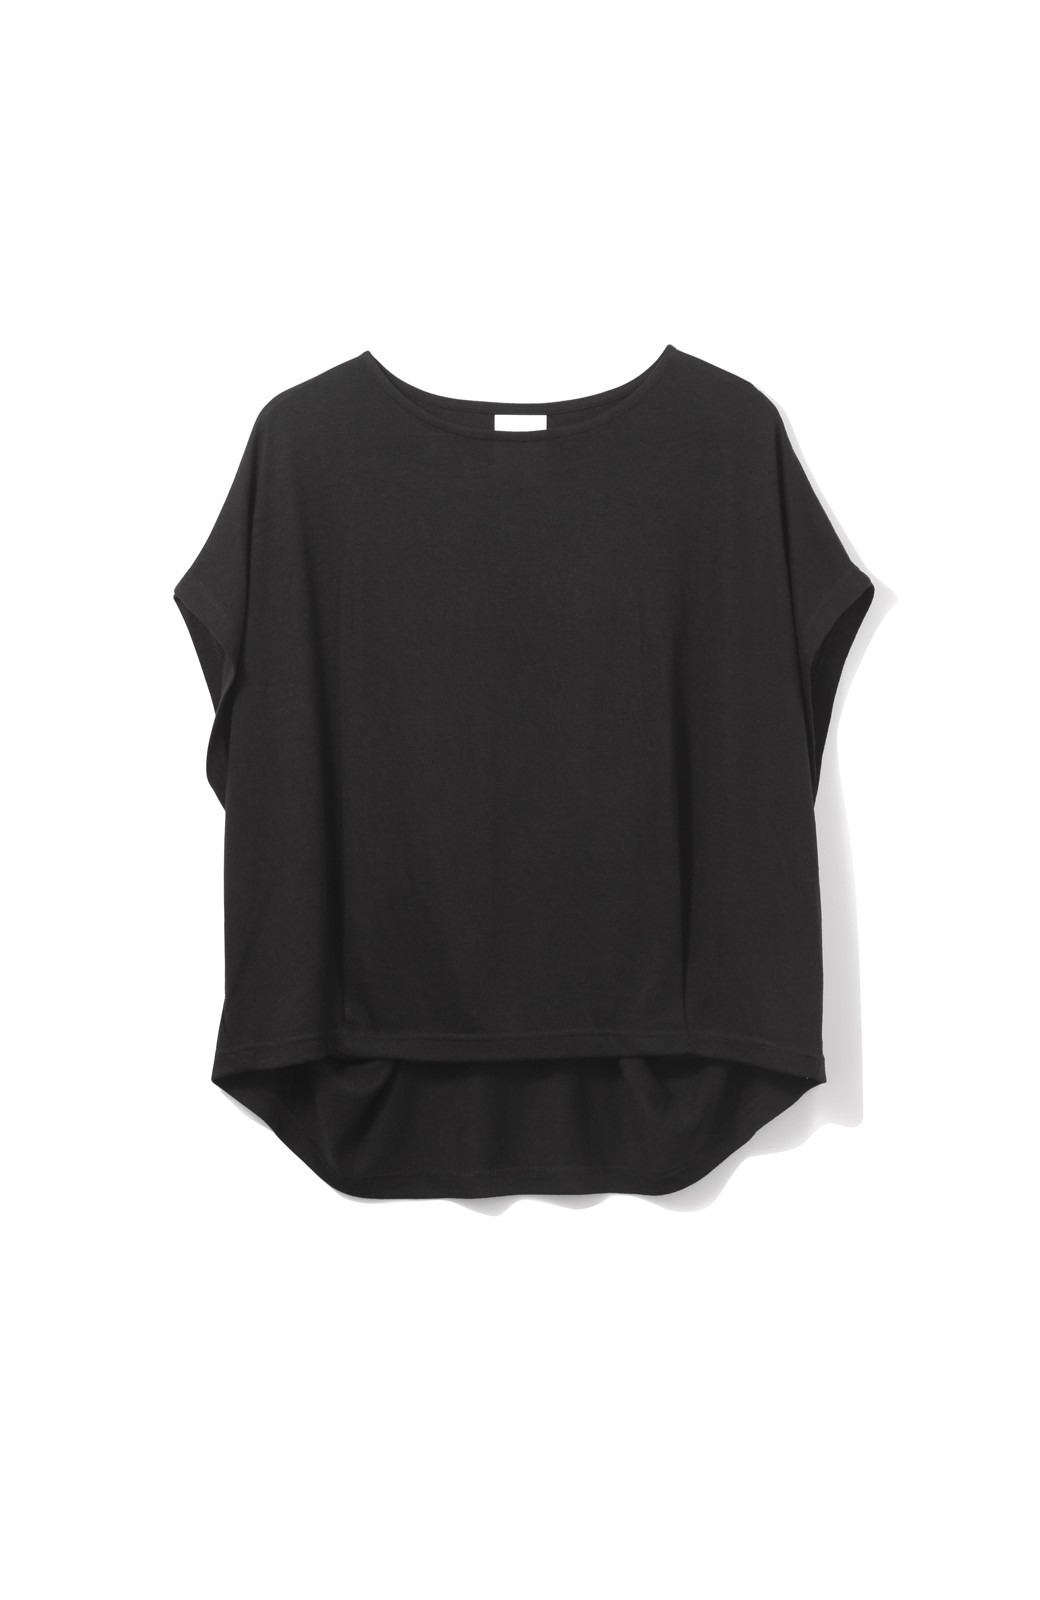 haco! 旅の救世主!3泊4日のキャミオールインワン&ゆったりTシャツセット <ブラック>の商品写真3